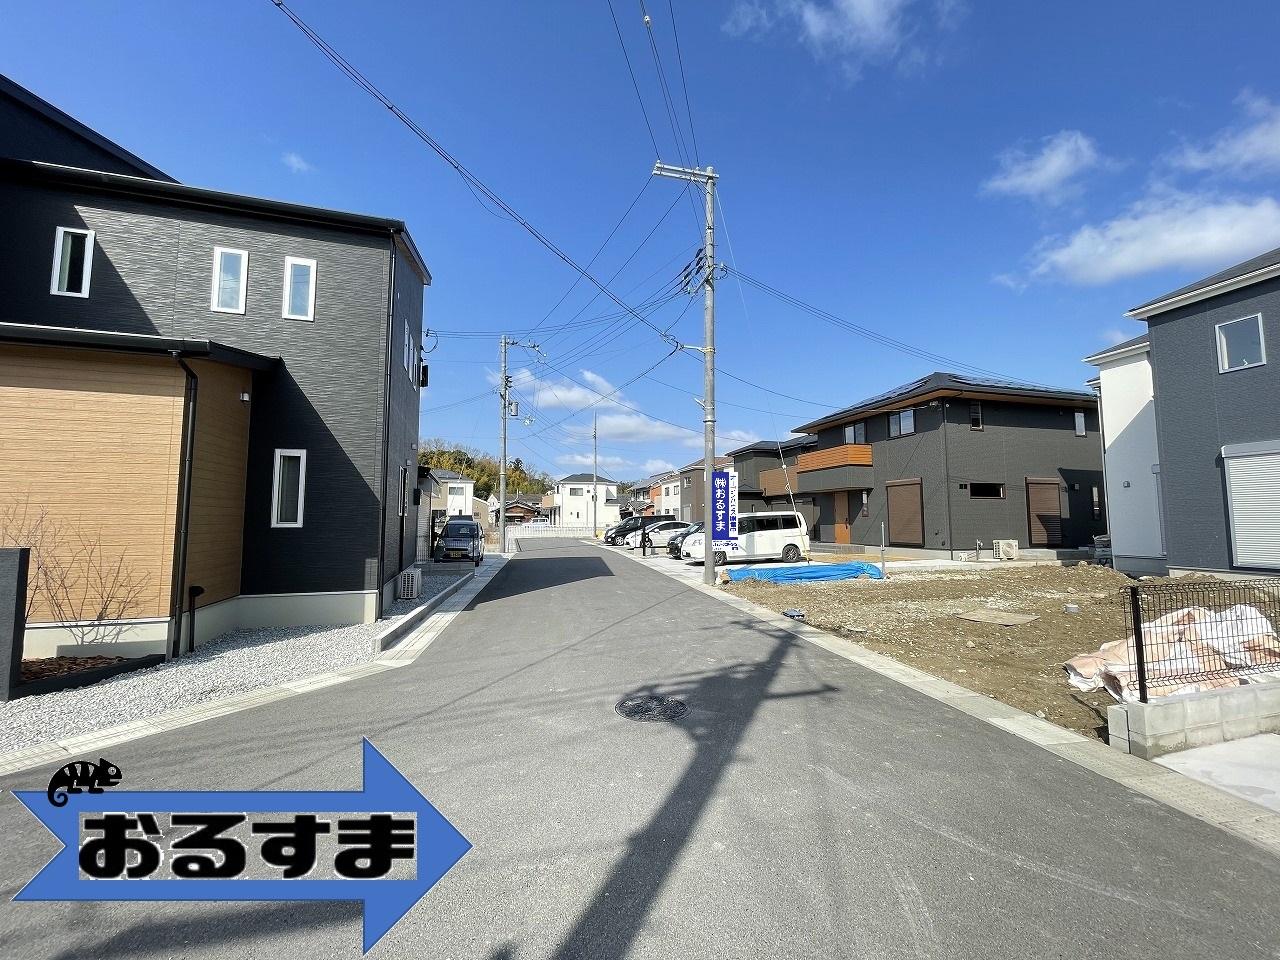 市街化調整区域・開発許可イメージ写真